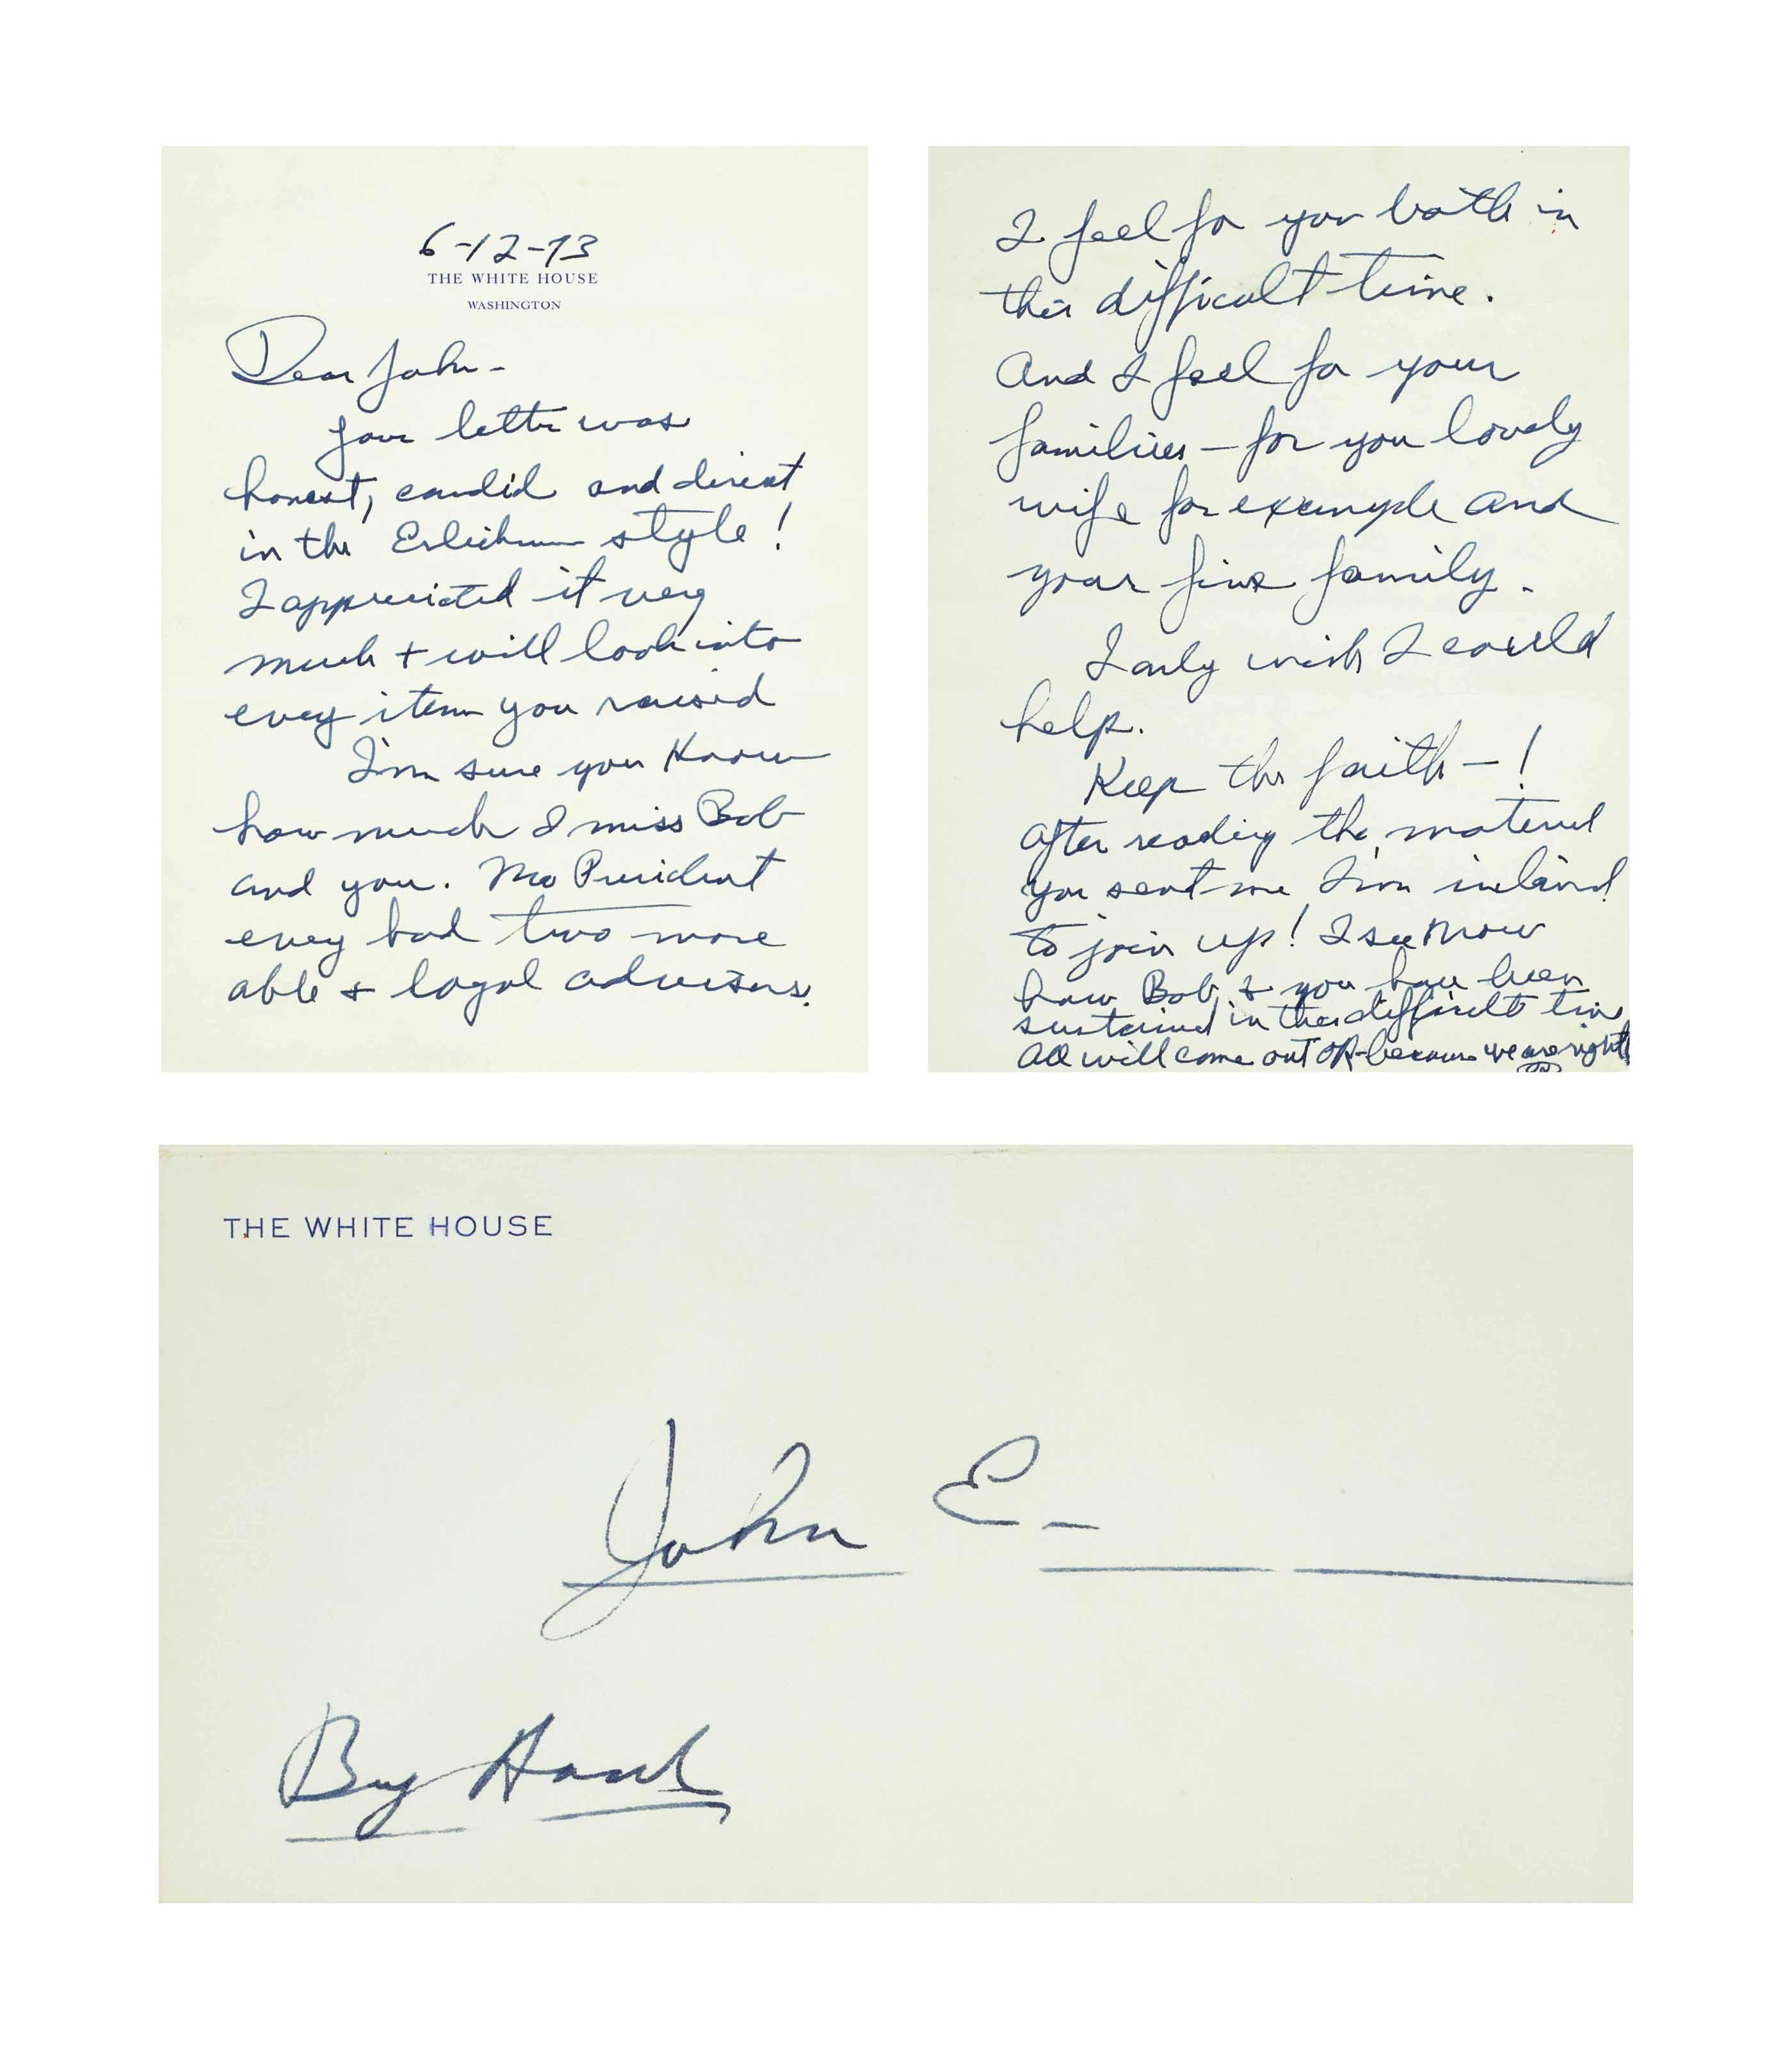 NIXON, Richard M. Autograph le